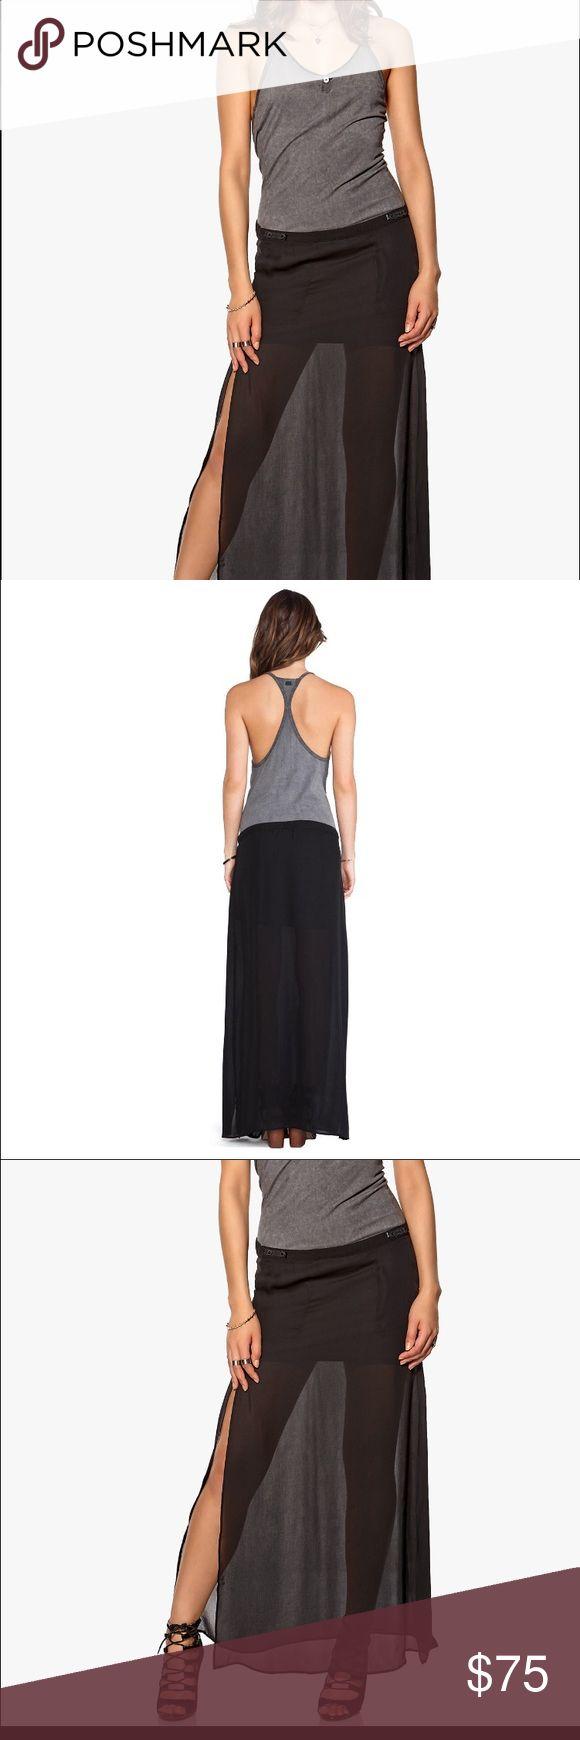 🎉HP🎉 G star raw pearl tank dress G star raw pearl tank dress.  NWT.  Awesome easy, but edgy dress. G Star Raw Dresses Maxi